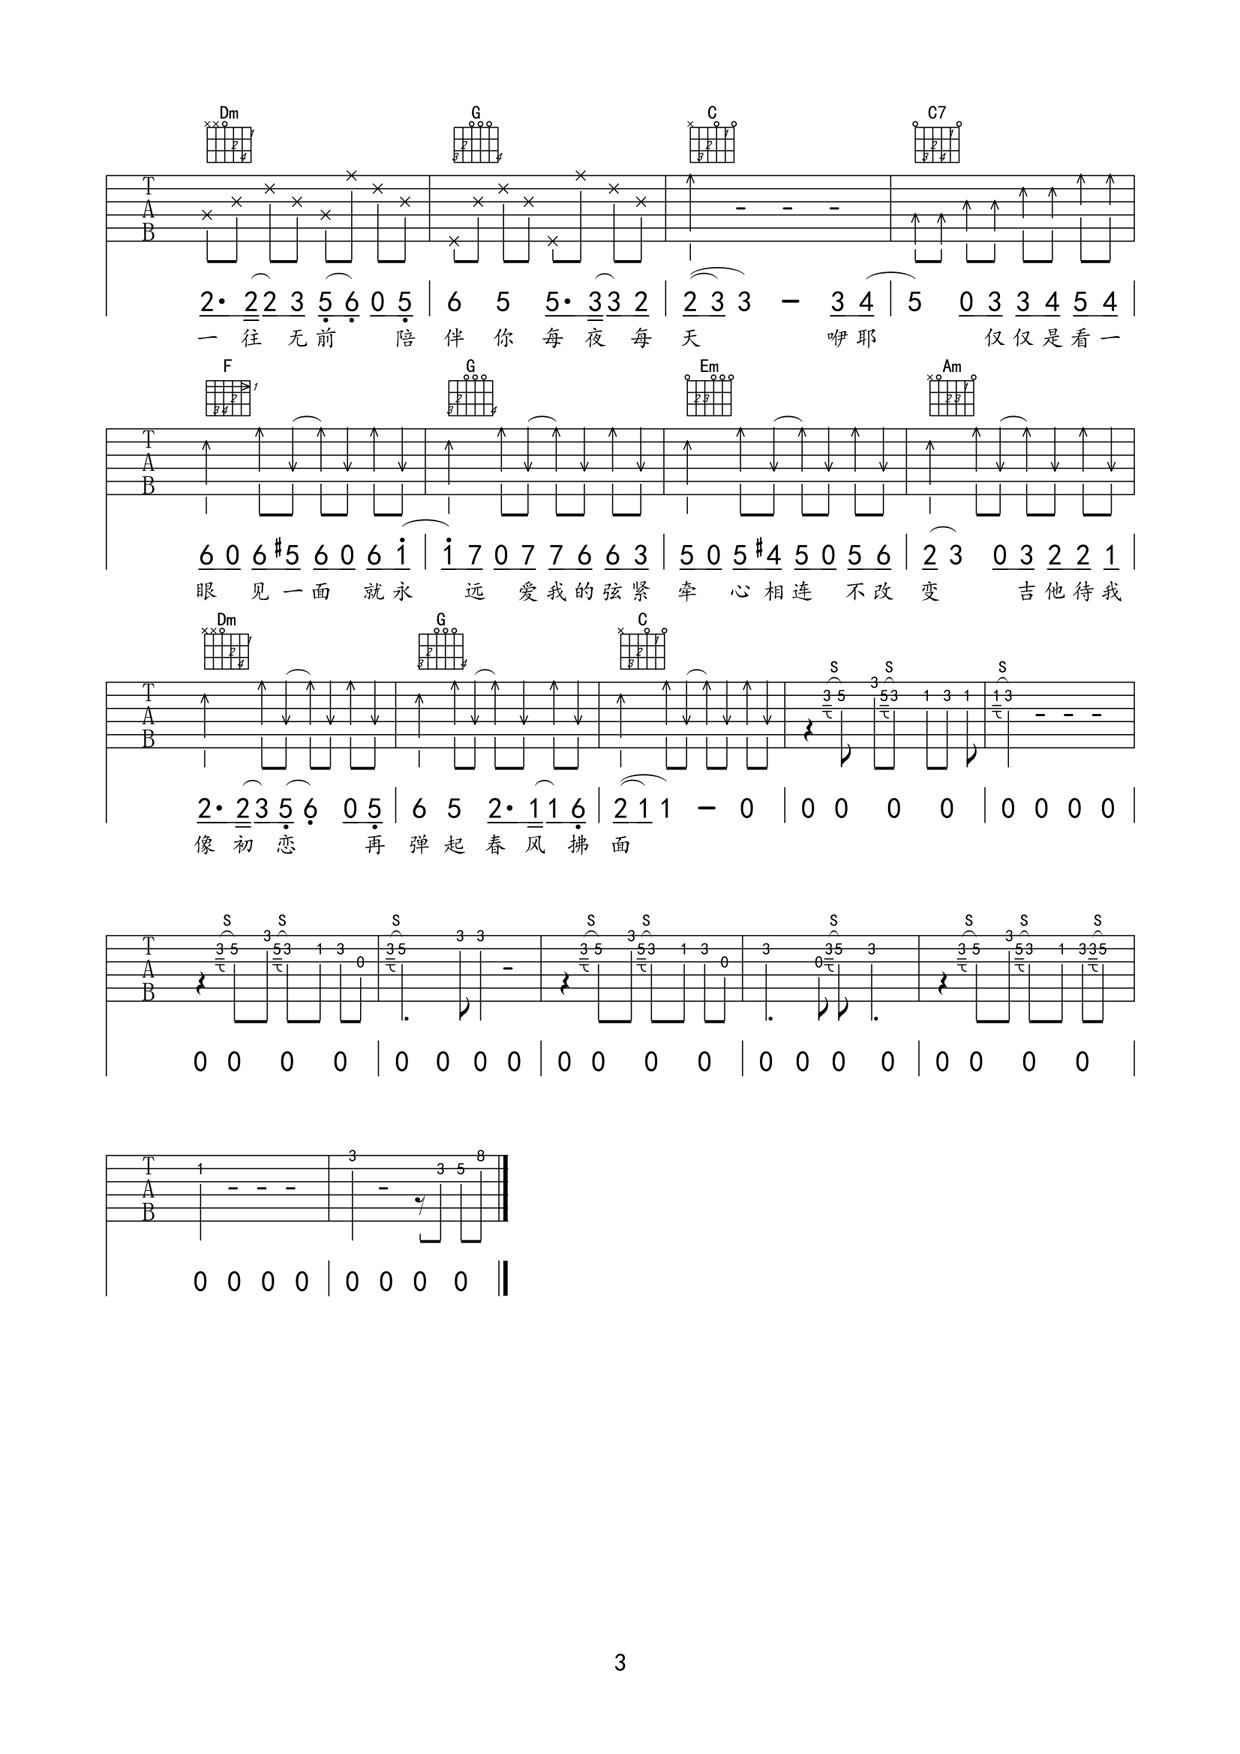 吉他初恋(简单版弹唱谱)吉他谱(图片谱,弹唱,伴奏,改编版)_刘大壮_吉他初恋3.jpg